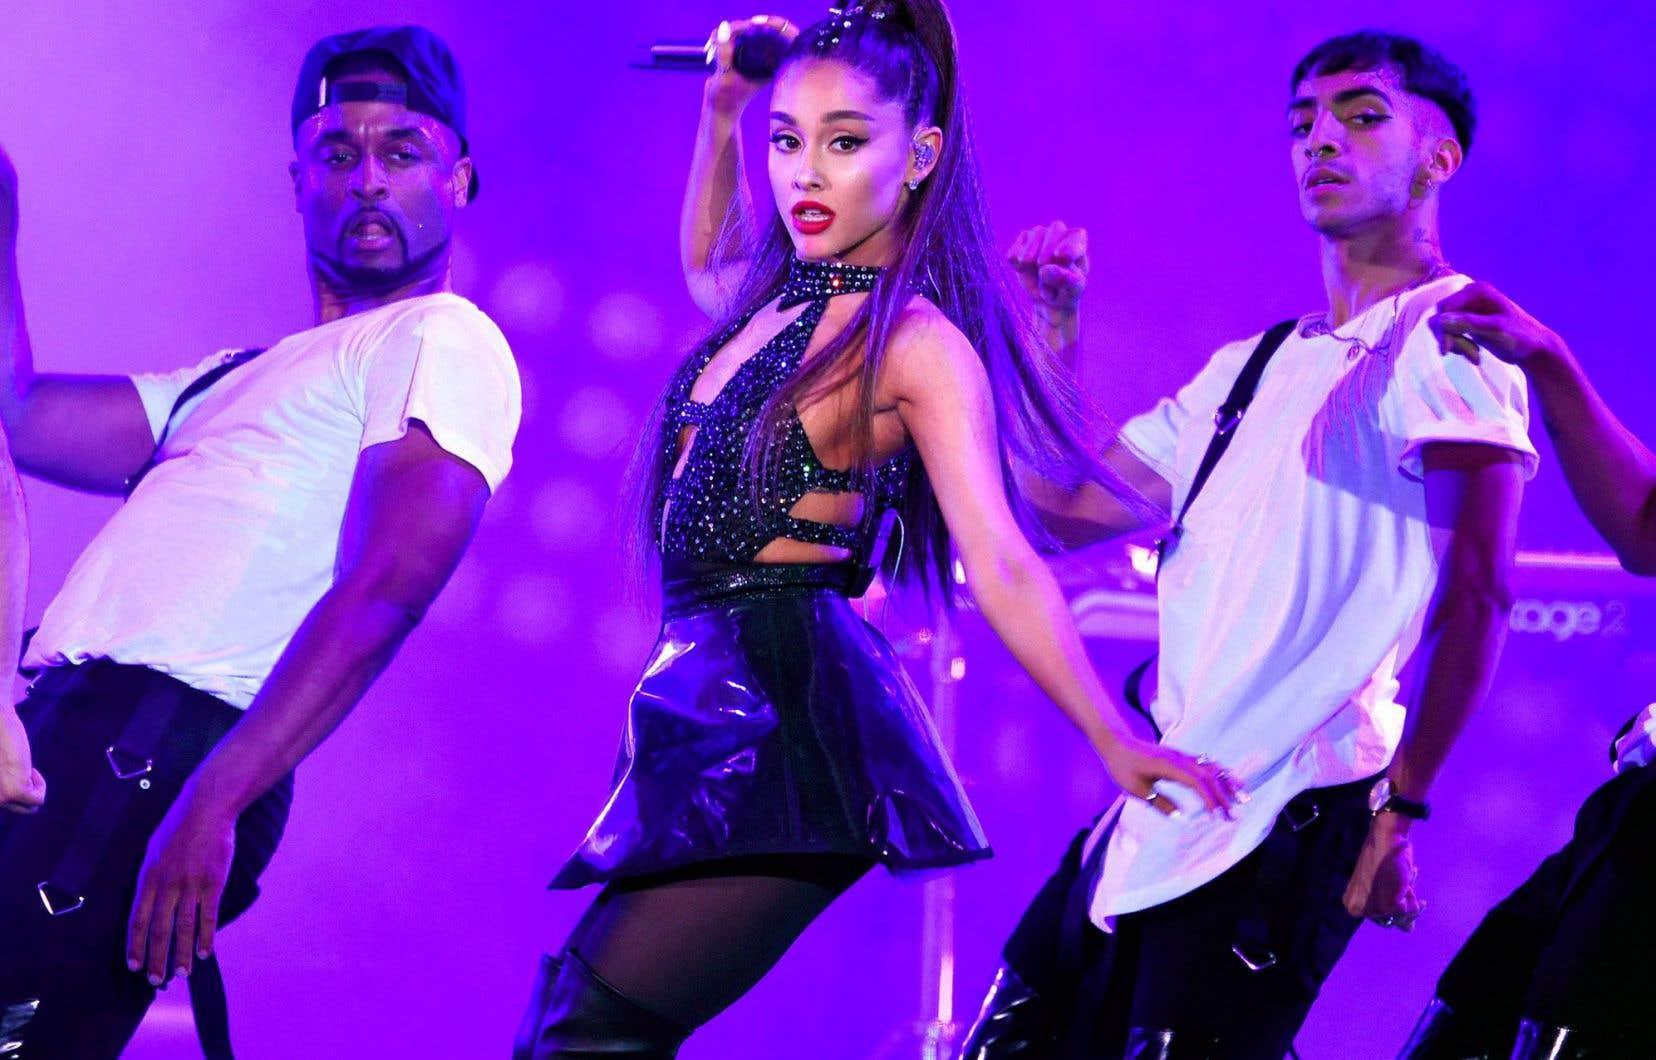 Autant dire qu'on s'attendait à s'en faire mettre plein la vue hier soir par Ariana Grande au Centre Bell, et c'est ce à quoi les fans ont eu droit, selon notre critique Philippe Renaud.